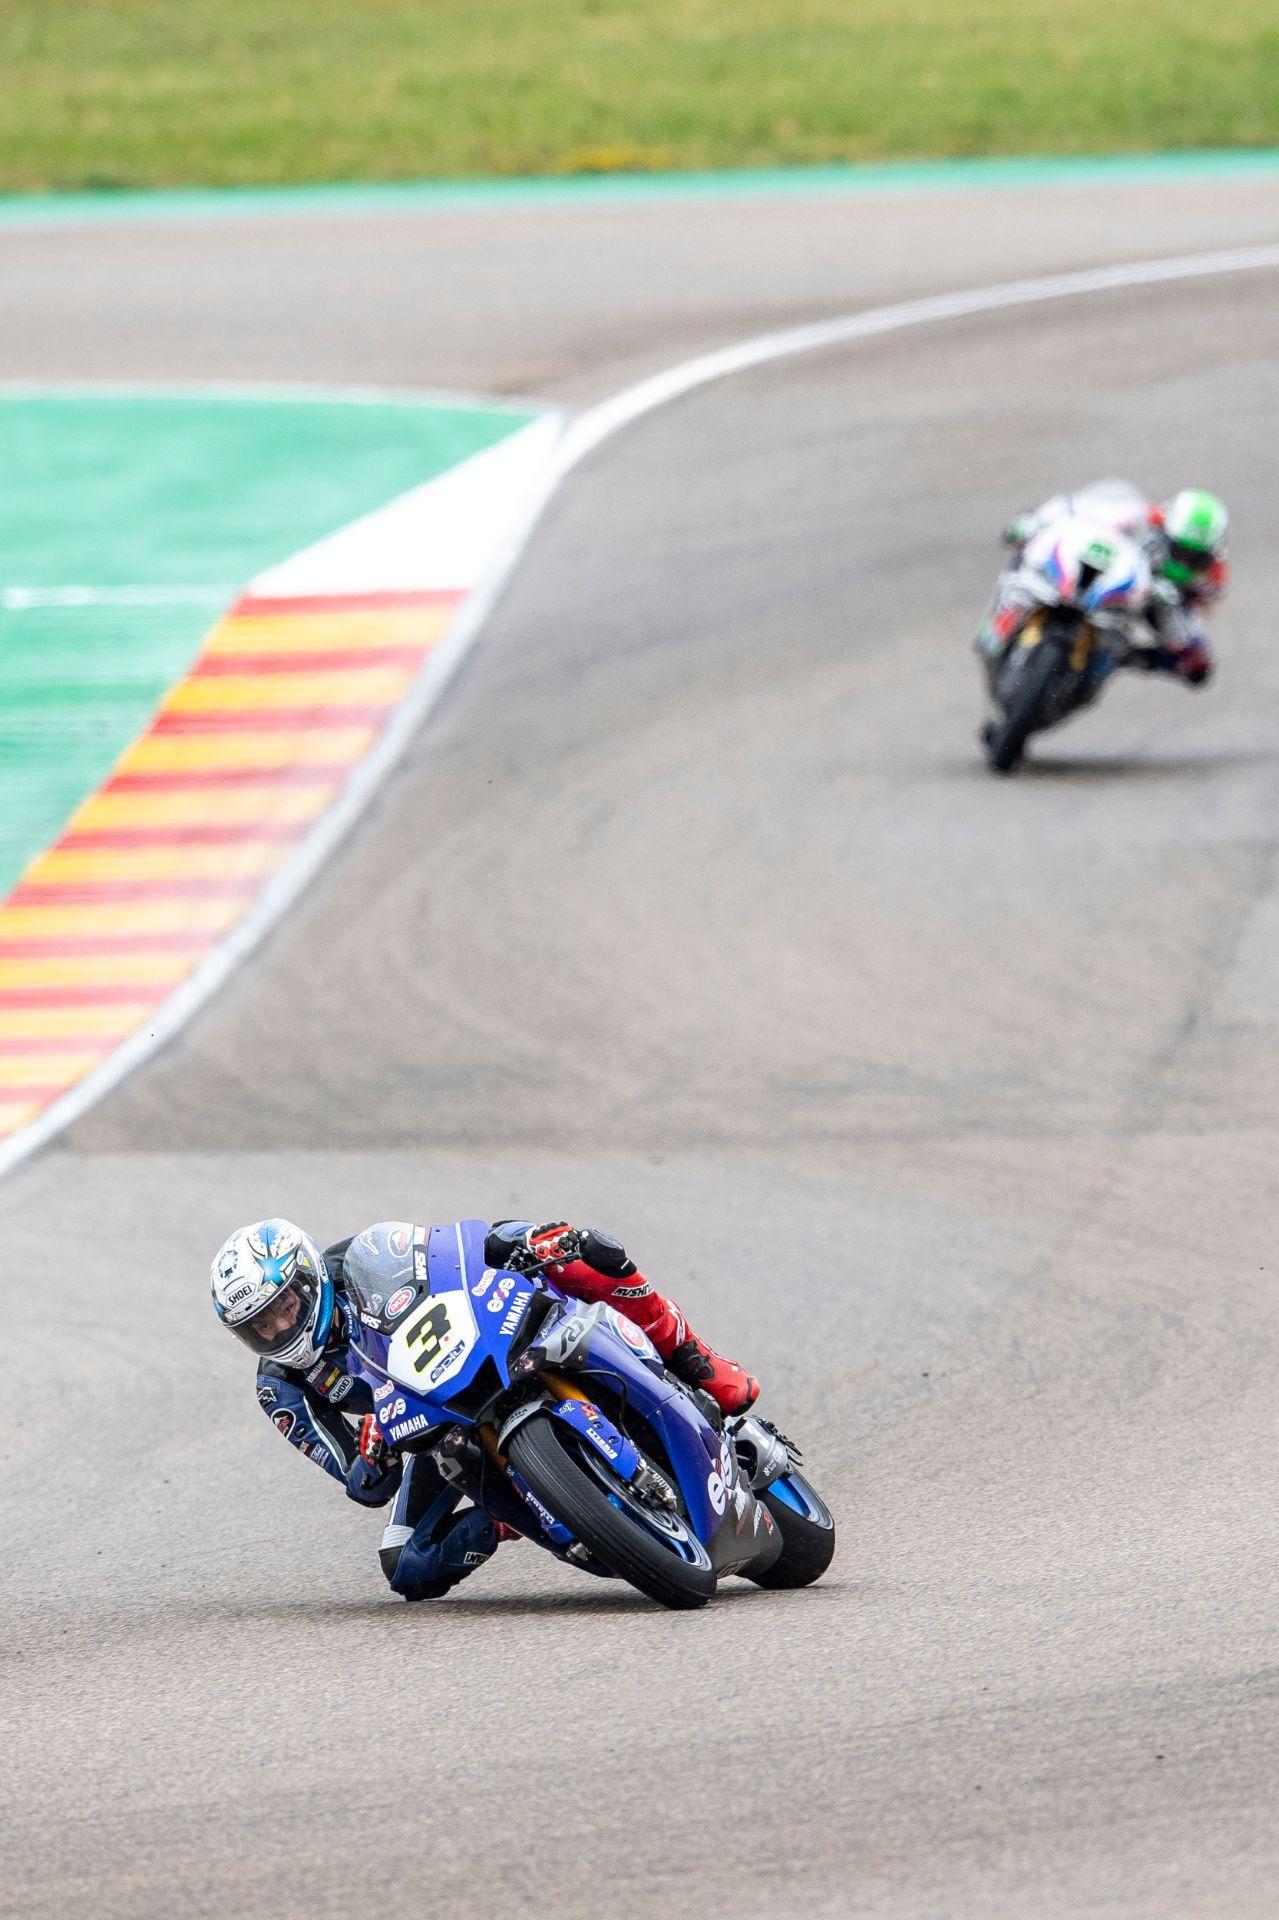 FIM スーパーバイク世界選手権(SBK)2021アラゴン戦 レース2 12位野左根航汰「序盤は慎重になりすぎてしまった」